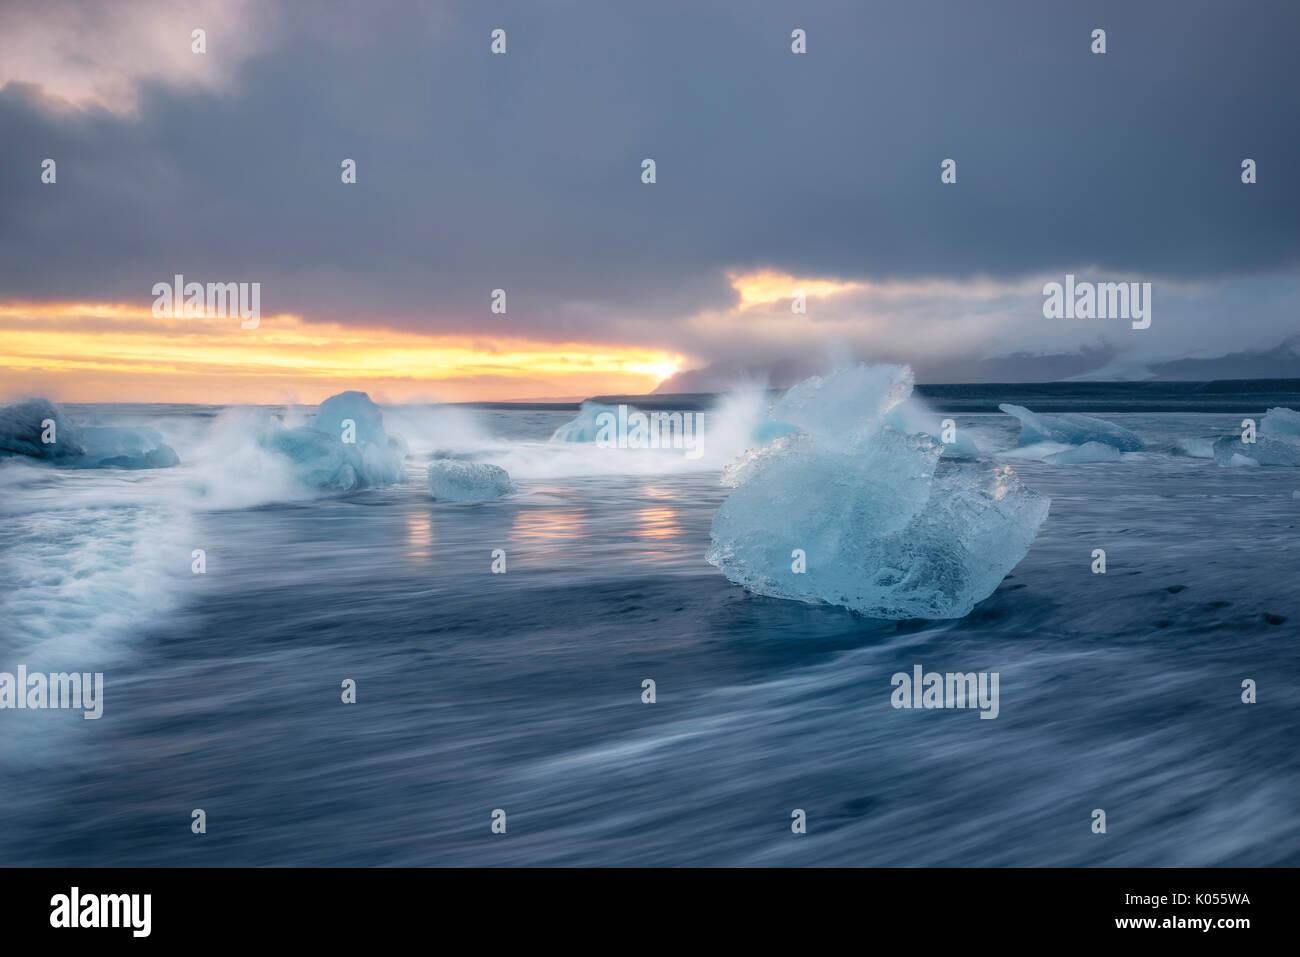 Eisblock am schwarzen Strand von Gletscherlagune Jökulsárlón bei einem Sonnenuntergang, Ost-Island, Europa Stockfoto